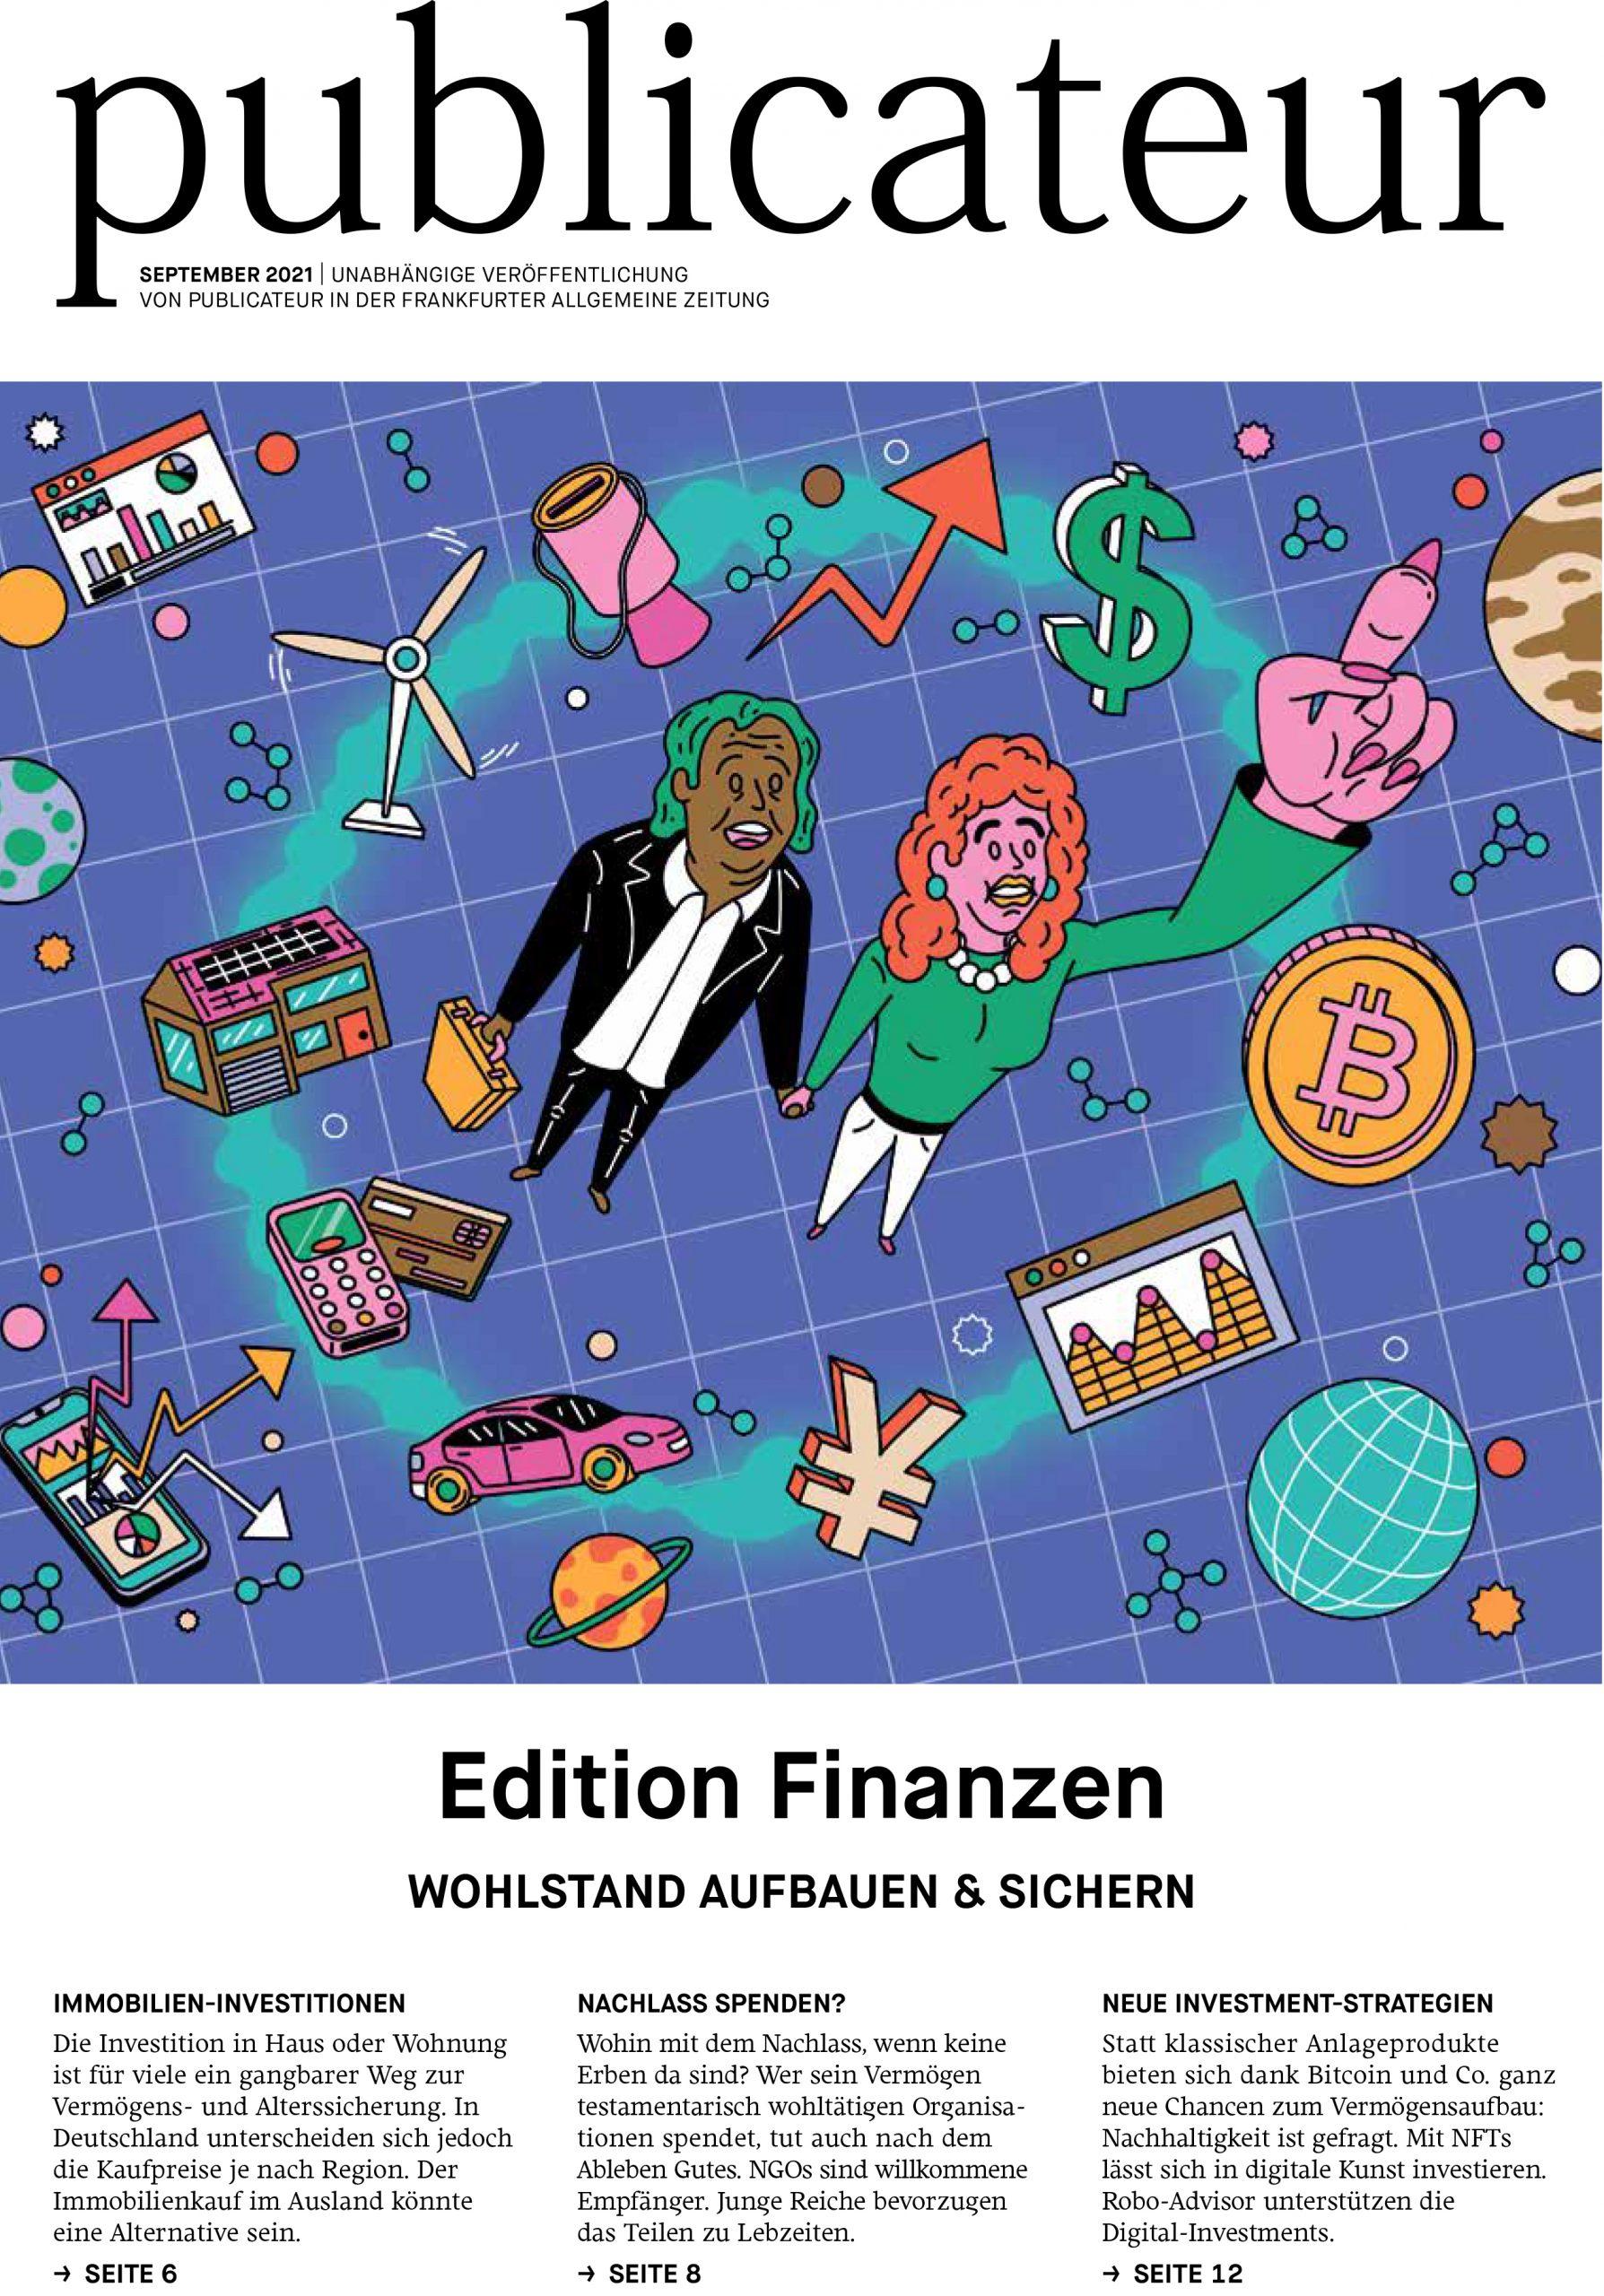 Edition Finanzen